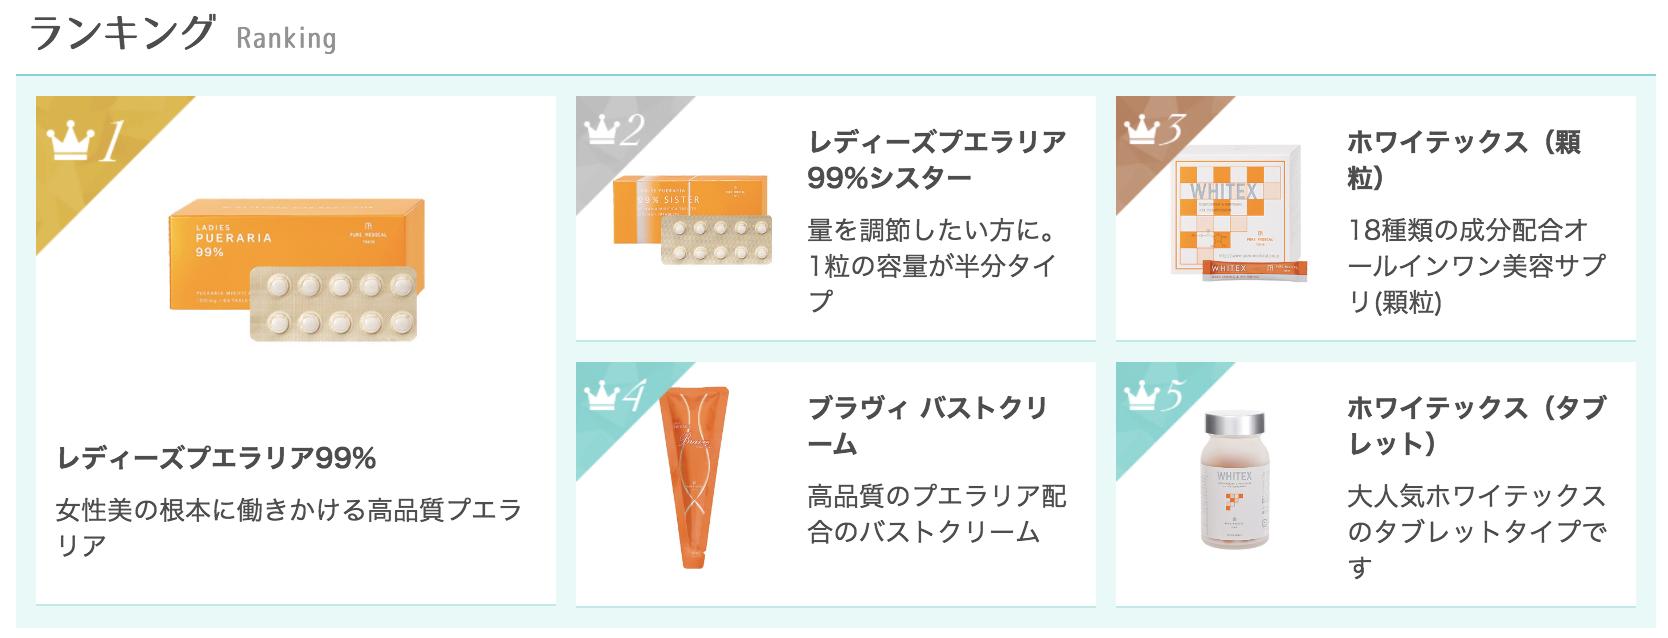 ブラヴィバストクリーム1